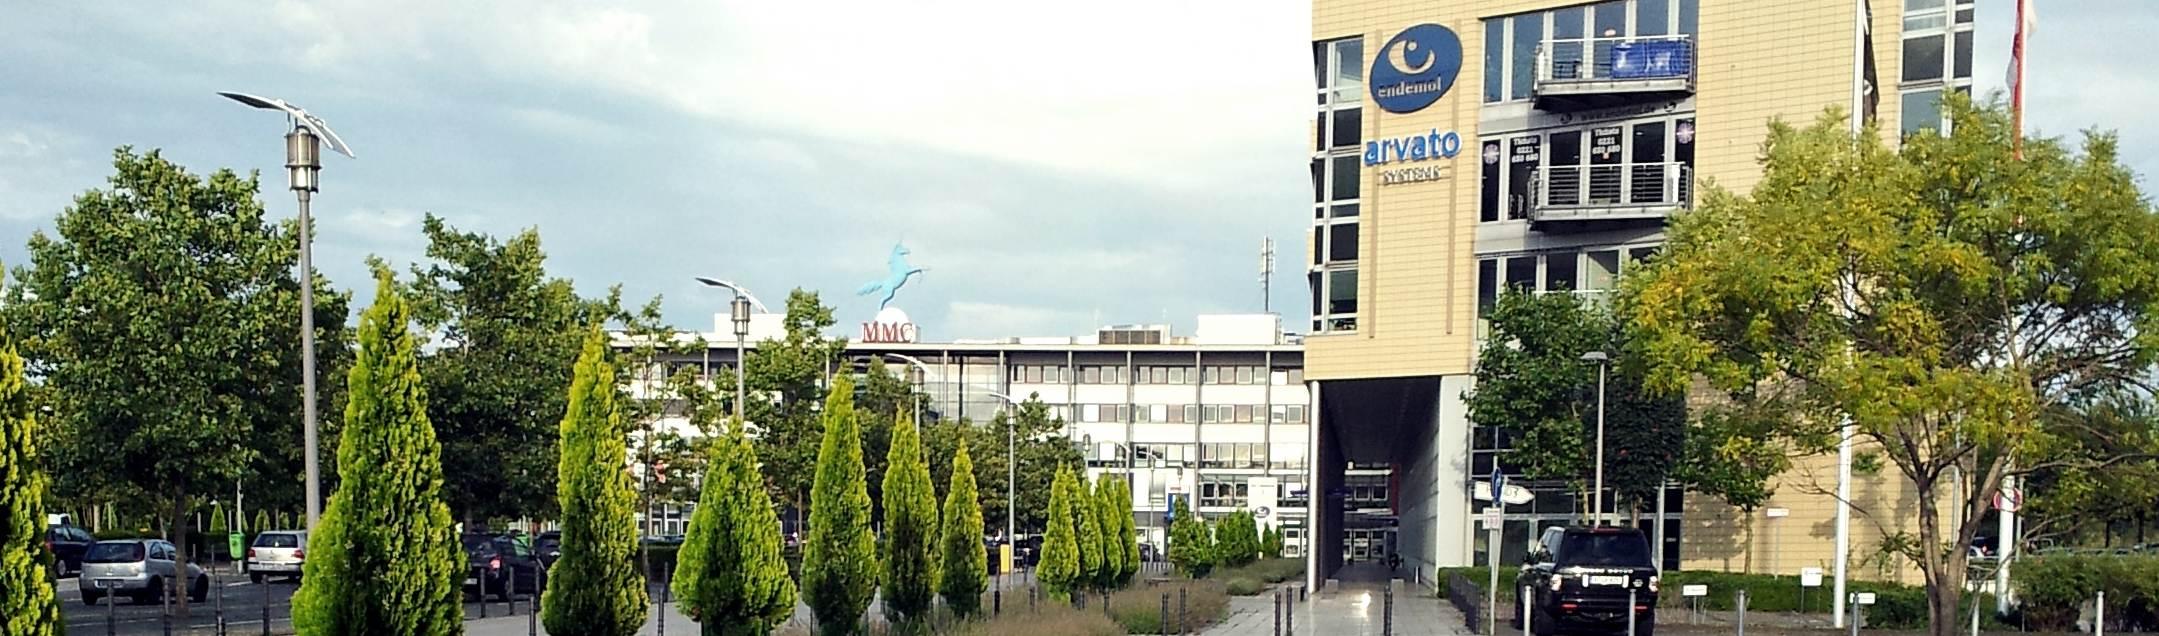 MMC Studios Köln Gelände